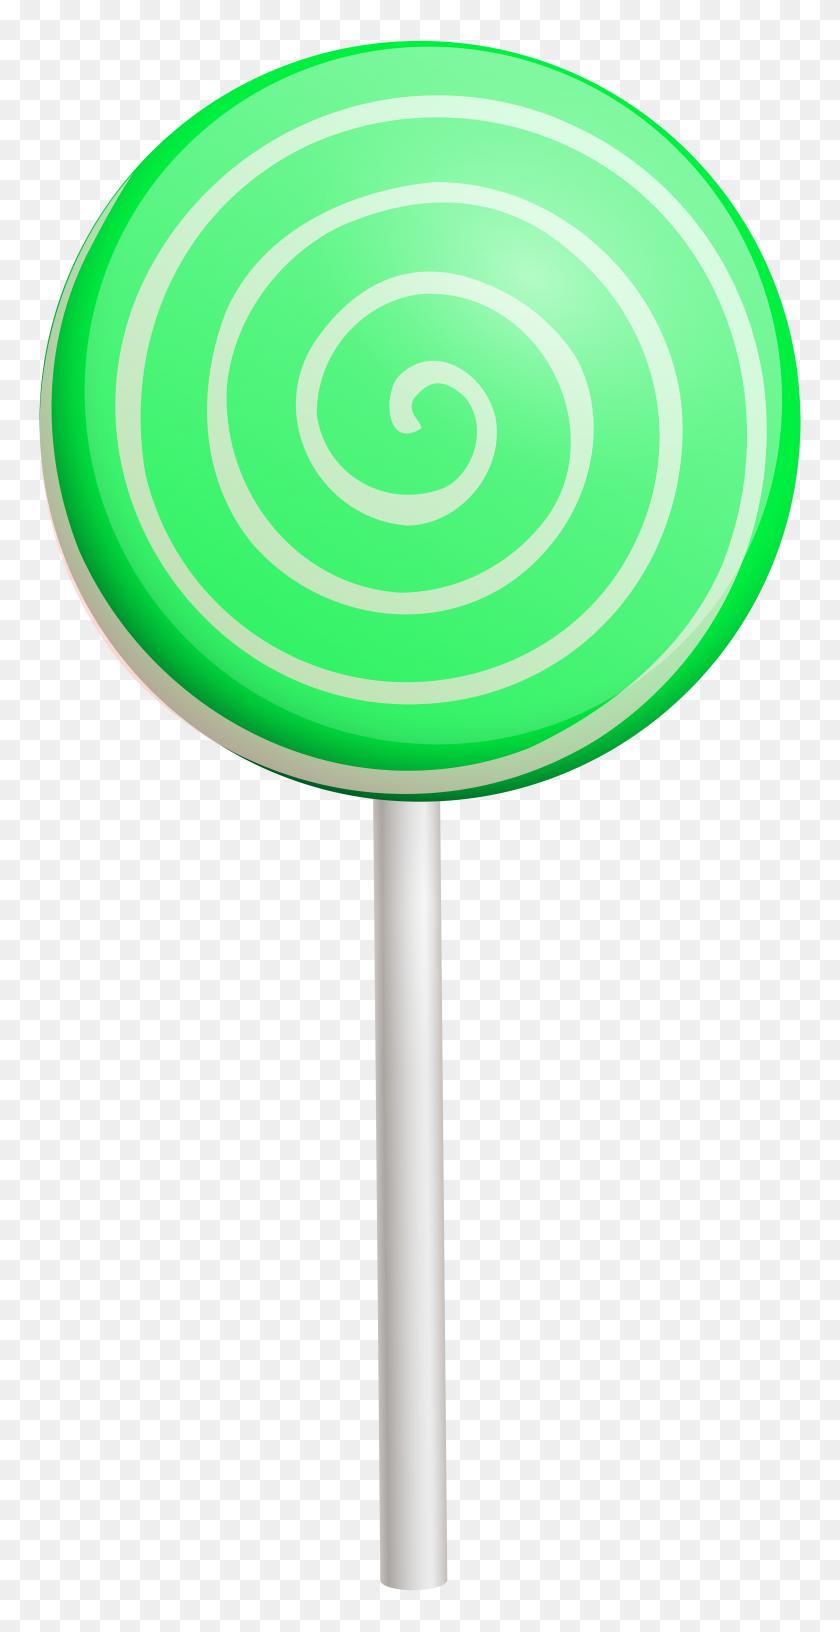 3969x8000 Green Swirl Lollipop Png Clip Art - Lollipop Clipart Free